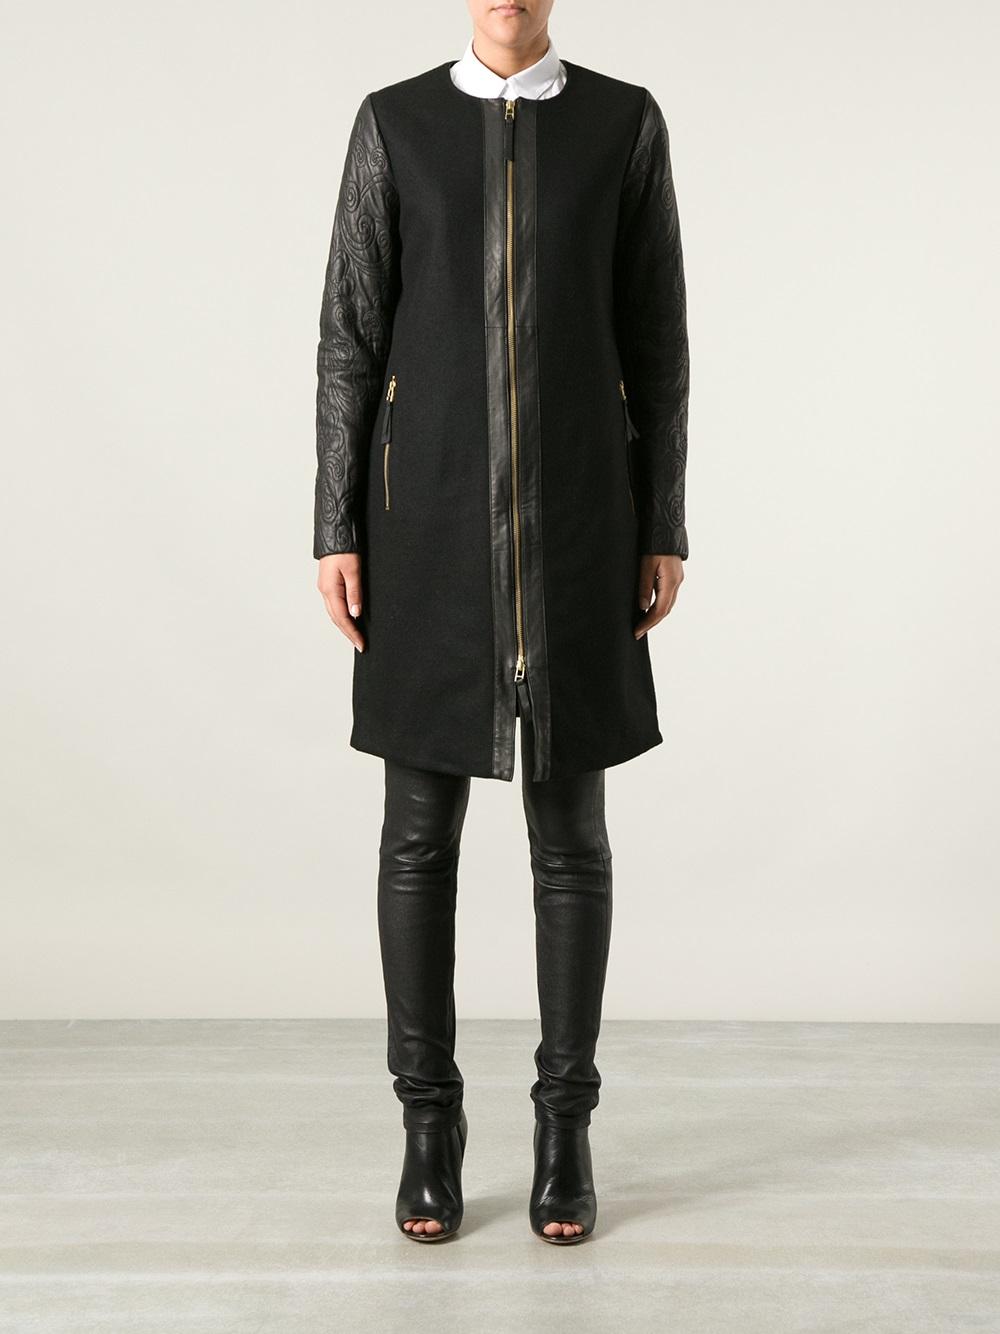 lyst day birger et mikkelsen applique day coat in black. Black Bedroom Furniture Sets. Home Design Ideas